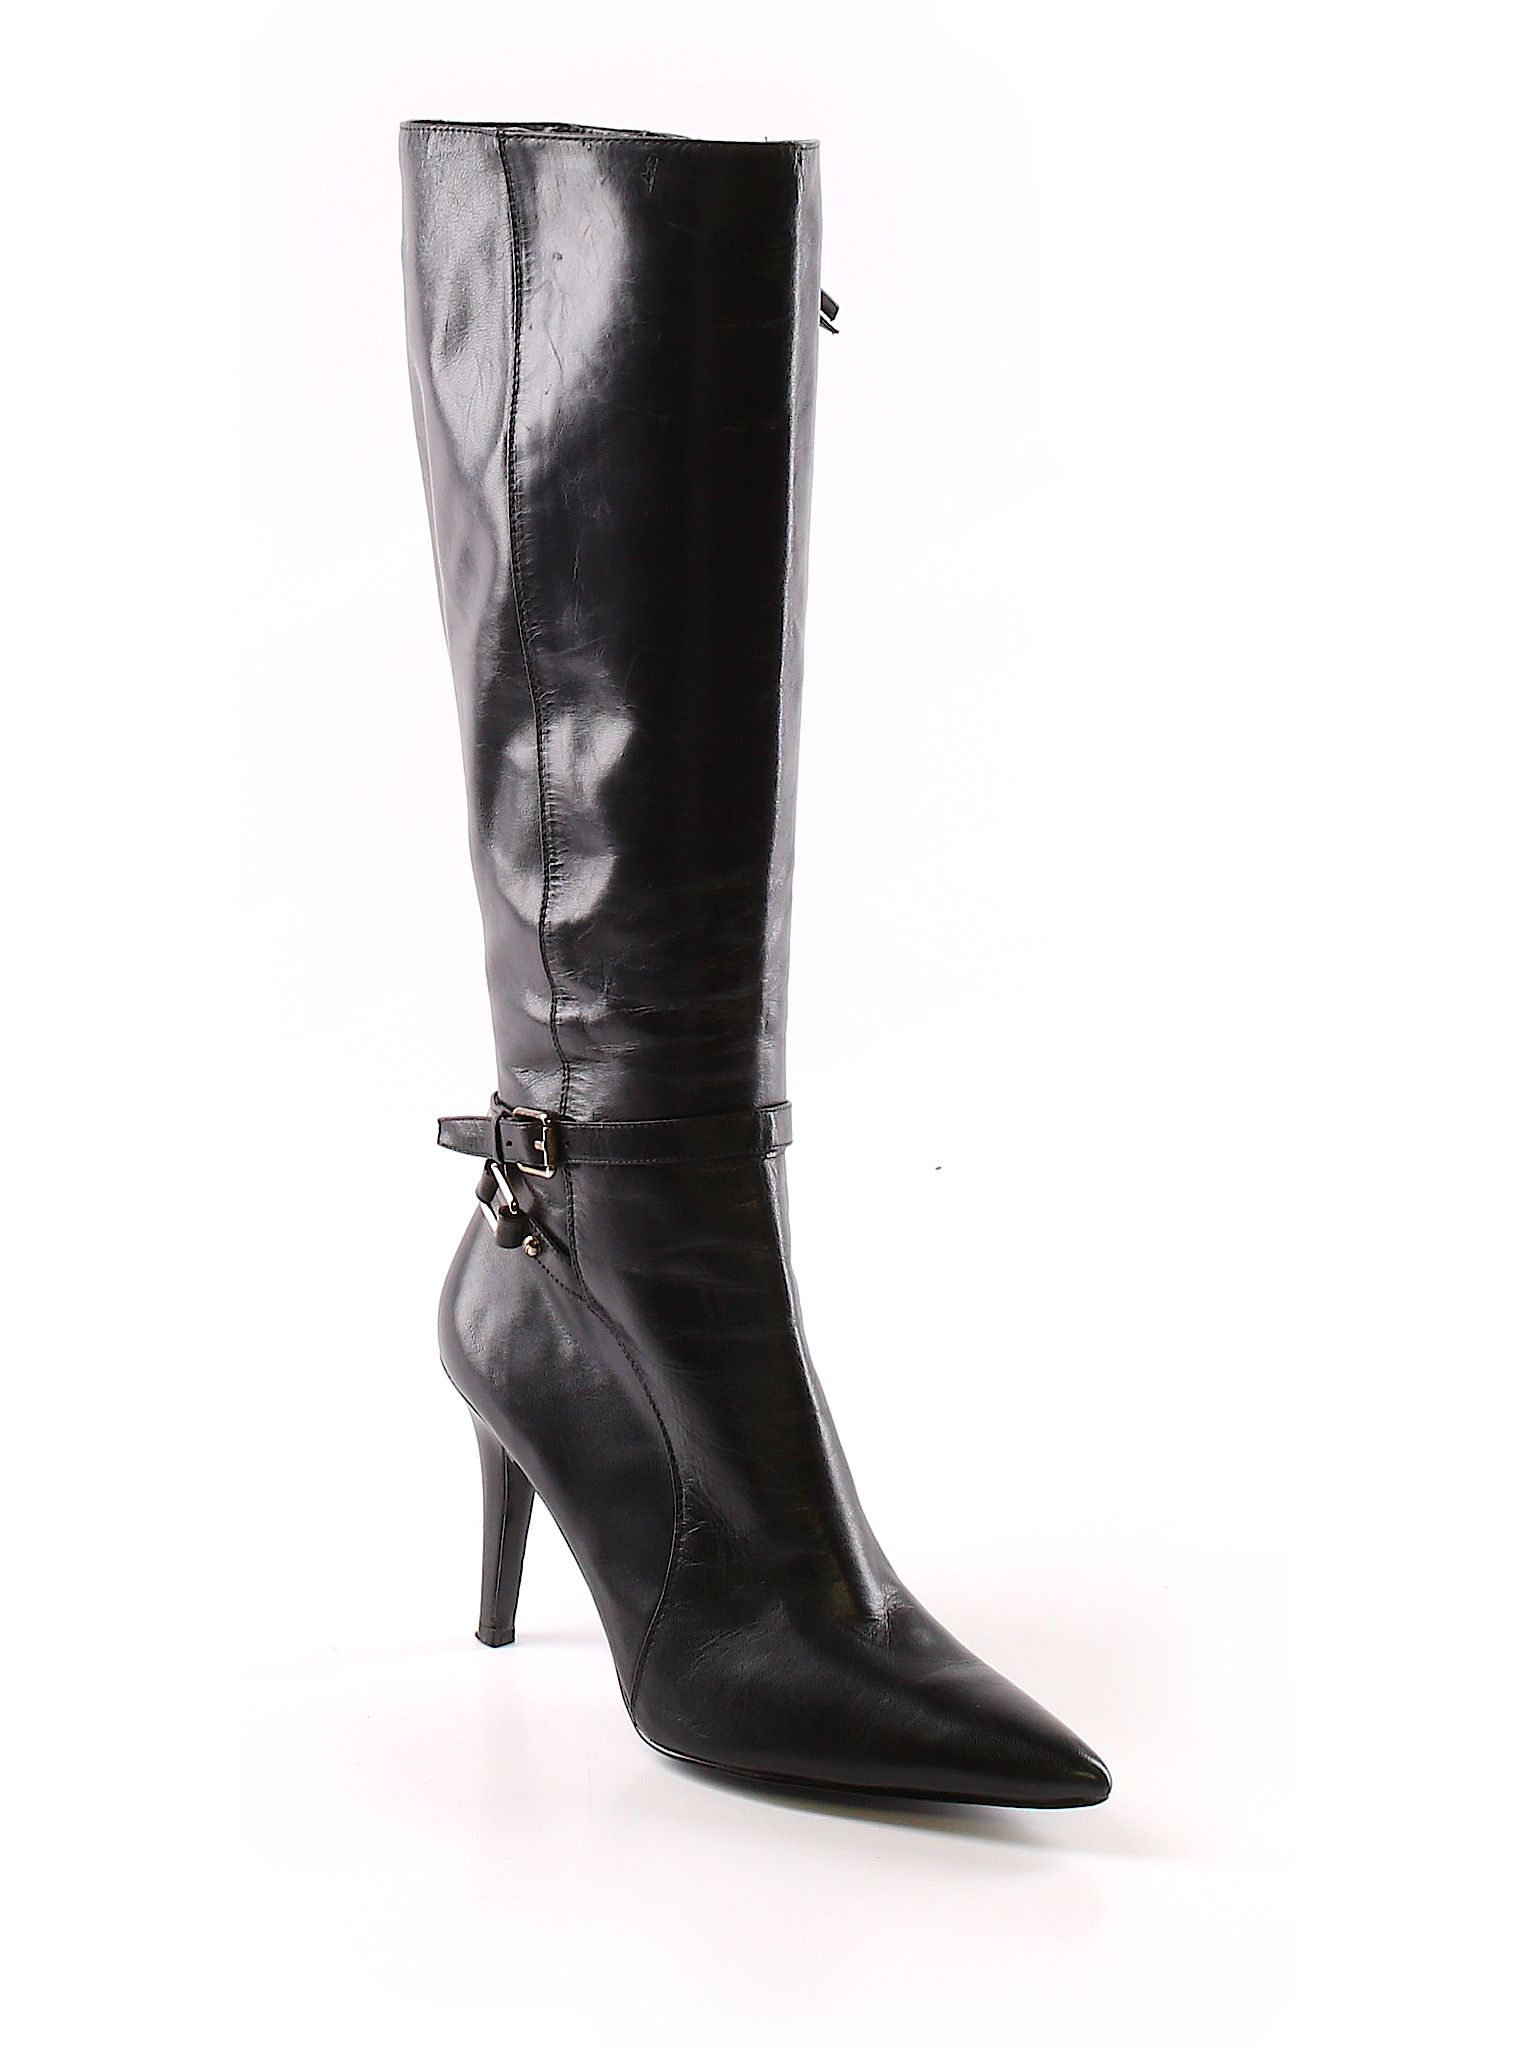 8795bc2d6 Lauren by Ralph Lauren Boots: Size 7.00 Black Women's Clothing - $37.99